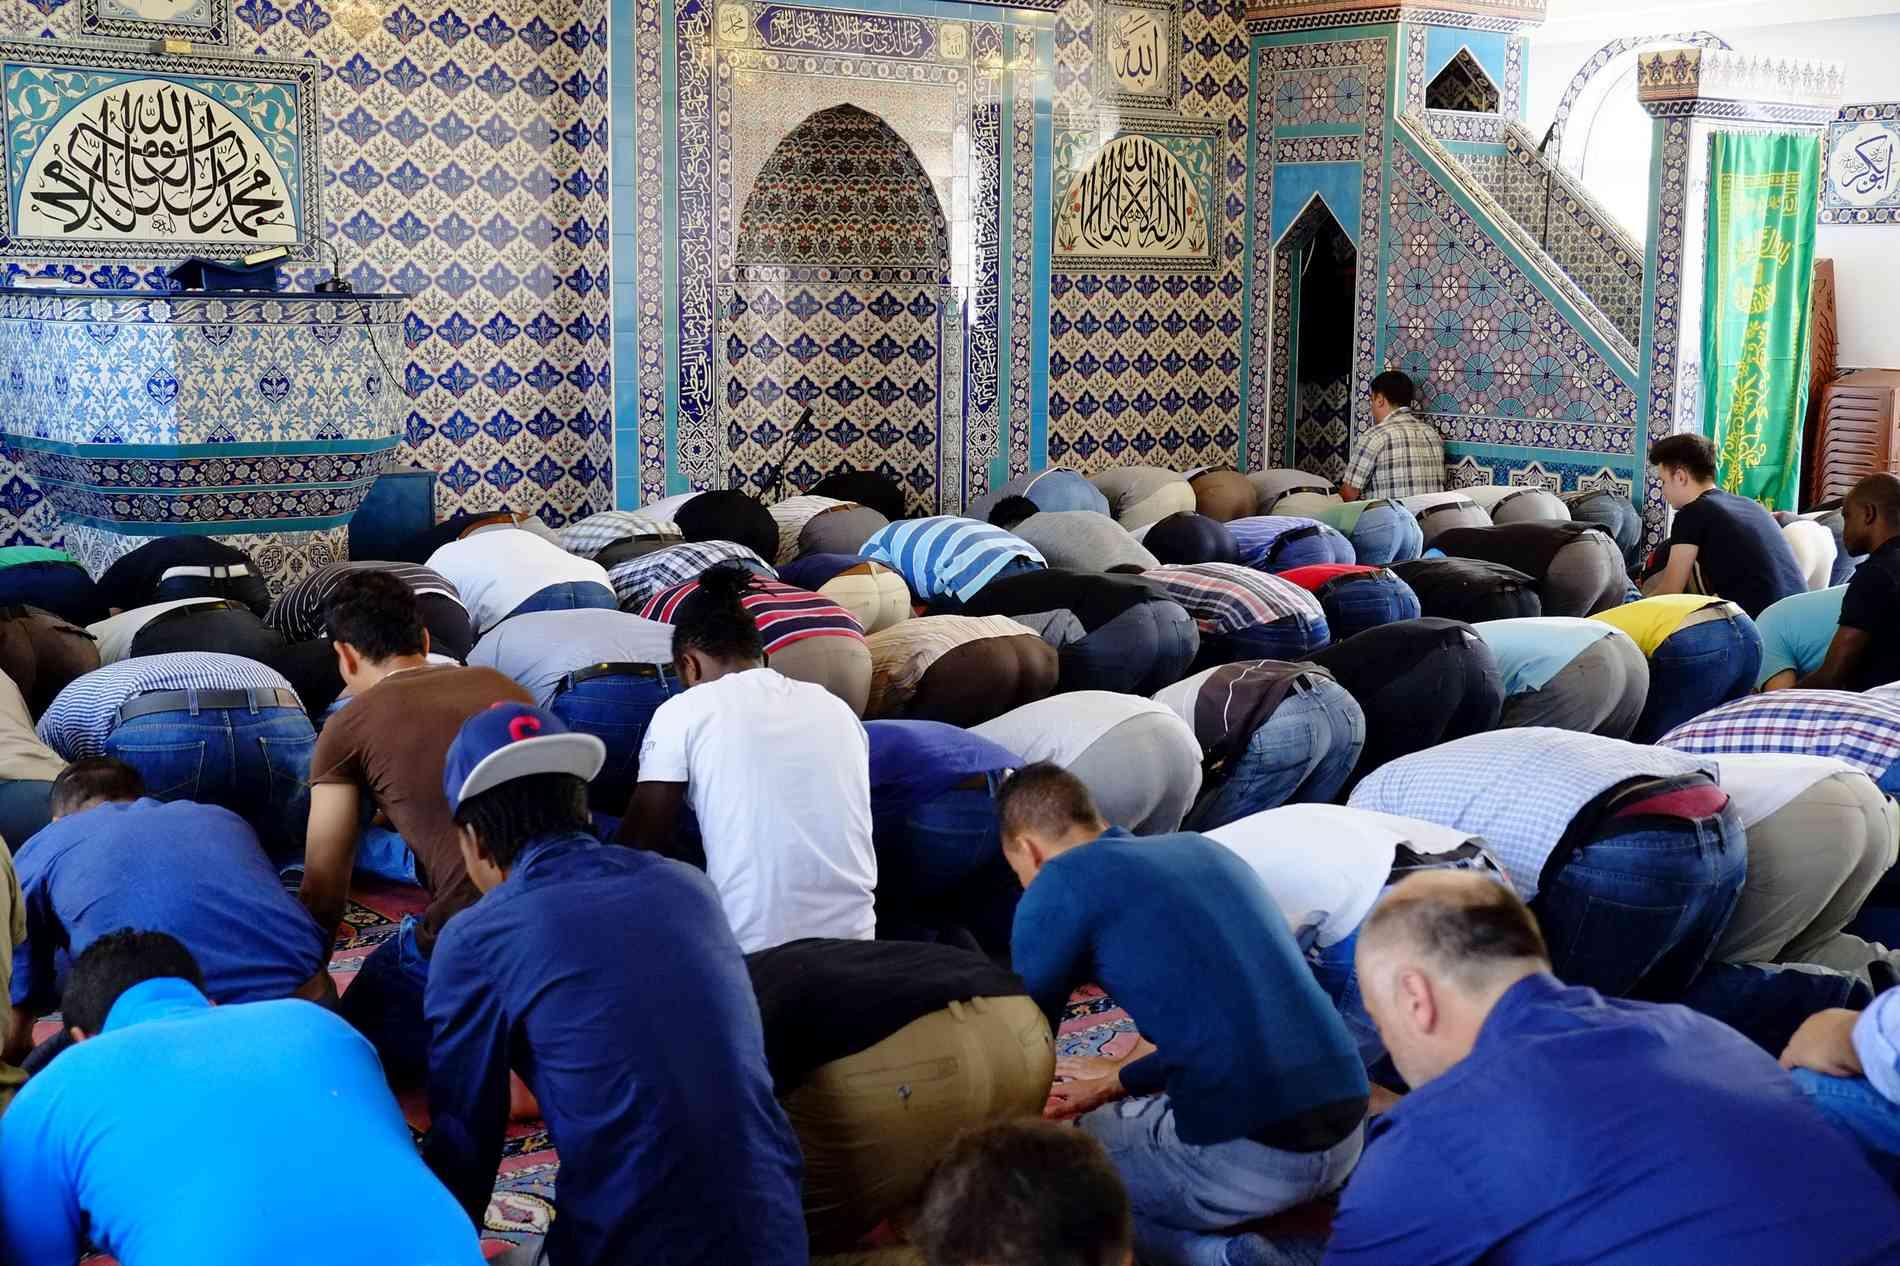 تقرير امريكي يهز العالم: الاسلام الاسرع انتشارا والمسلمون قادمون